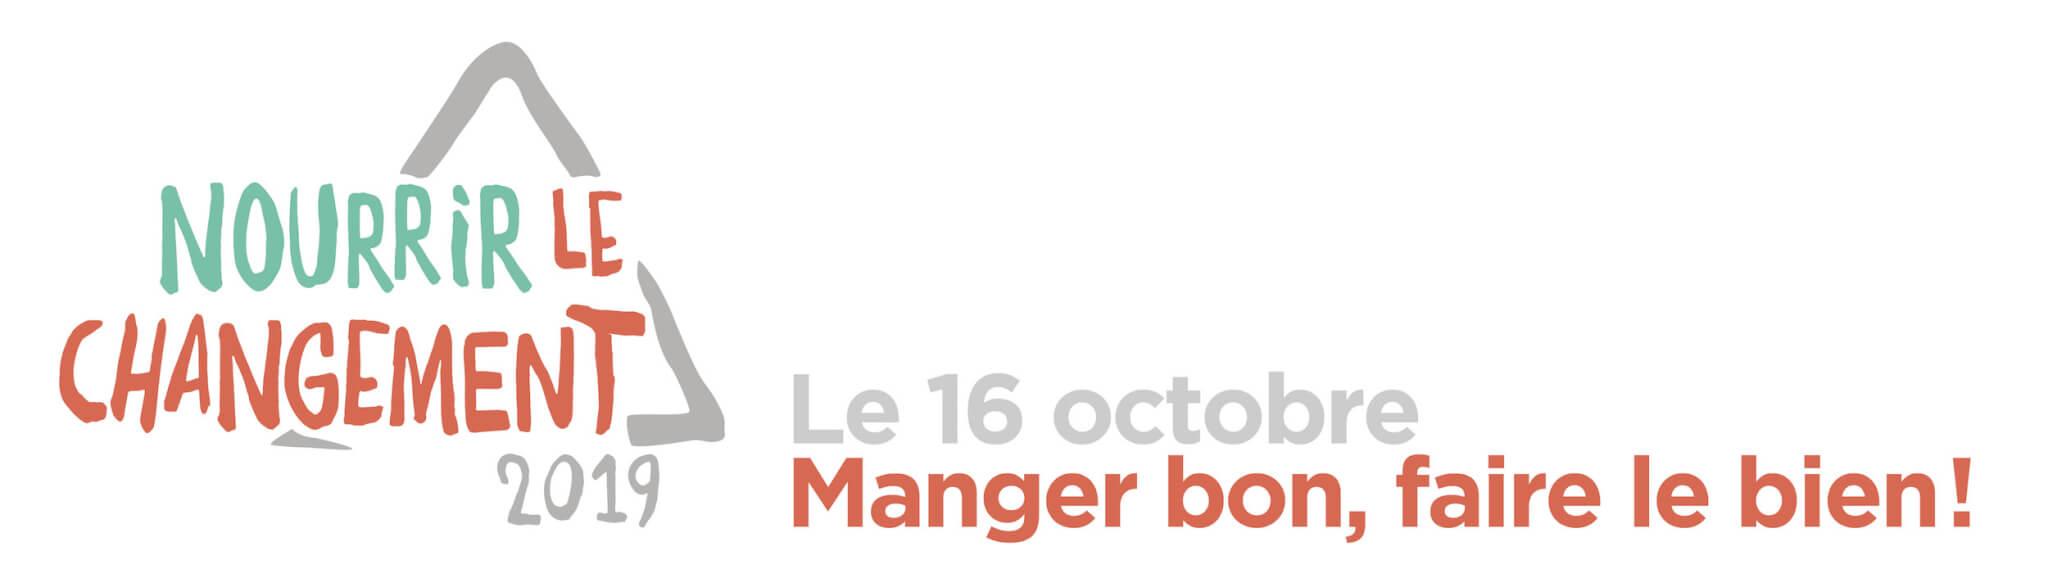 Le 16 octobre, manger bon, faire le bien!